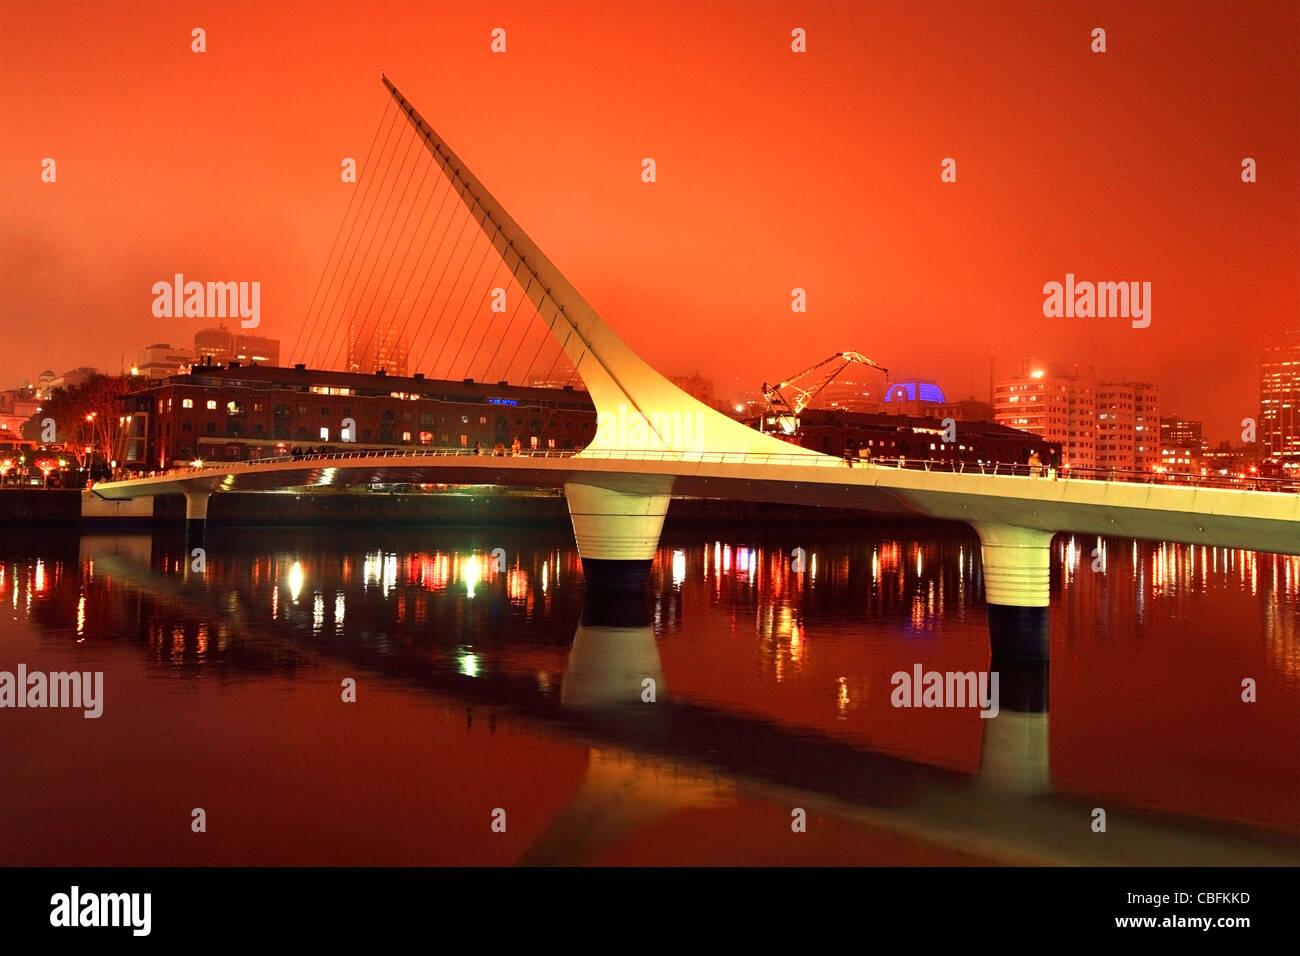 Ponte della donna vista in stormy arancione tramonto, con la silhouette della città a sfondo. Immagini Stock